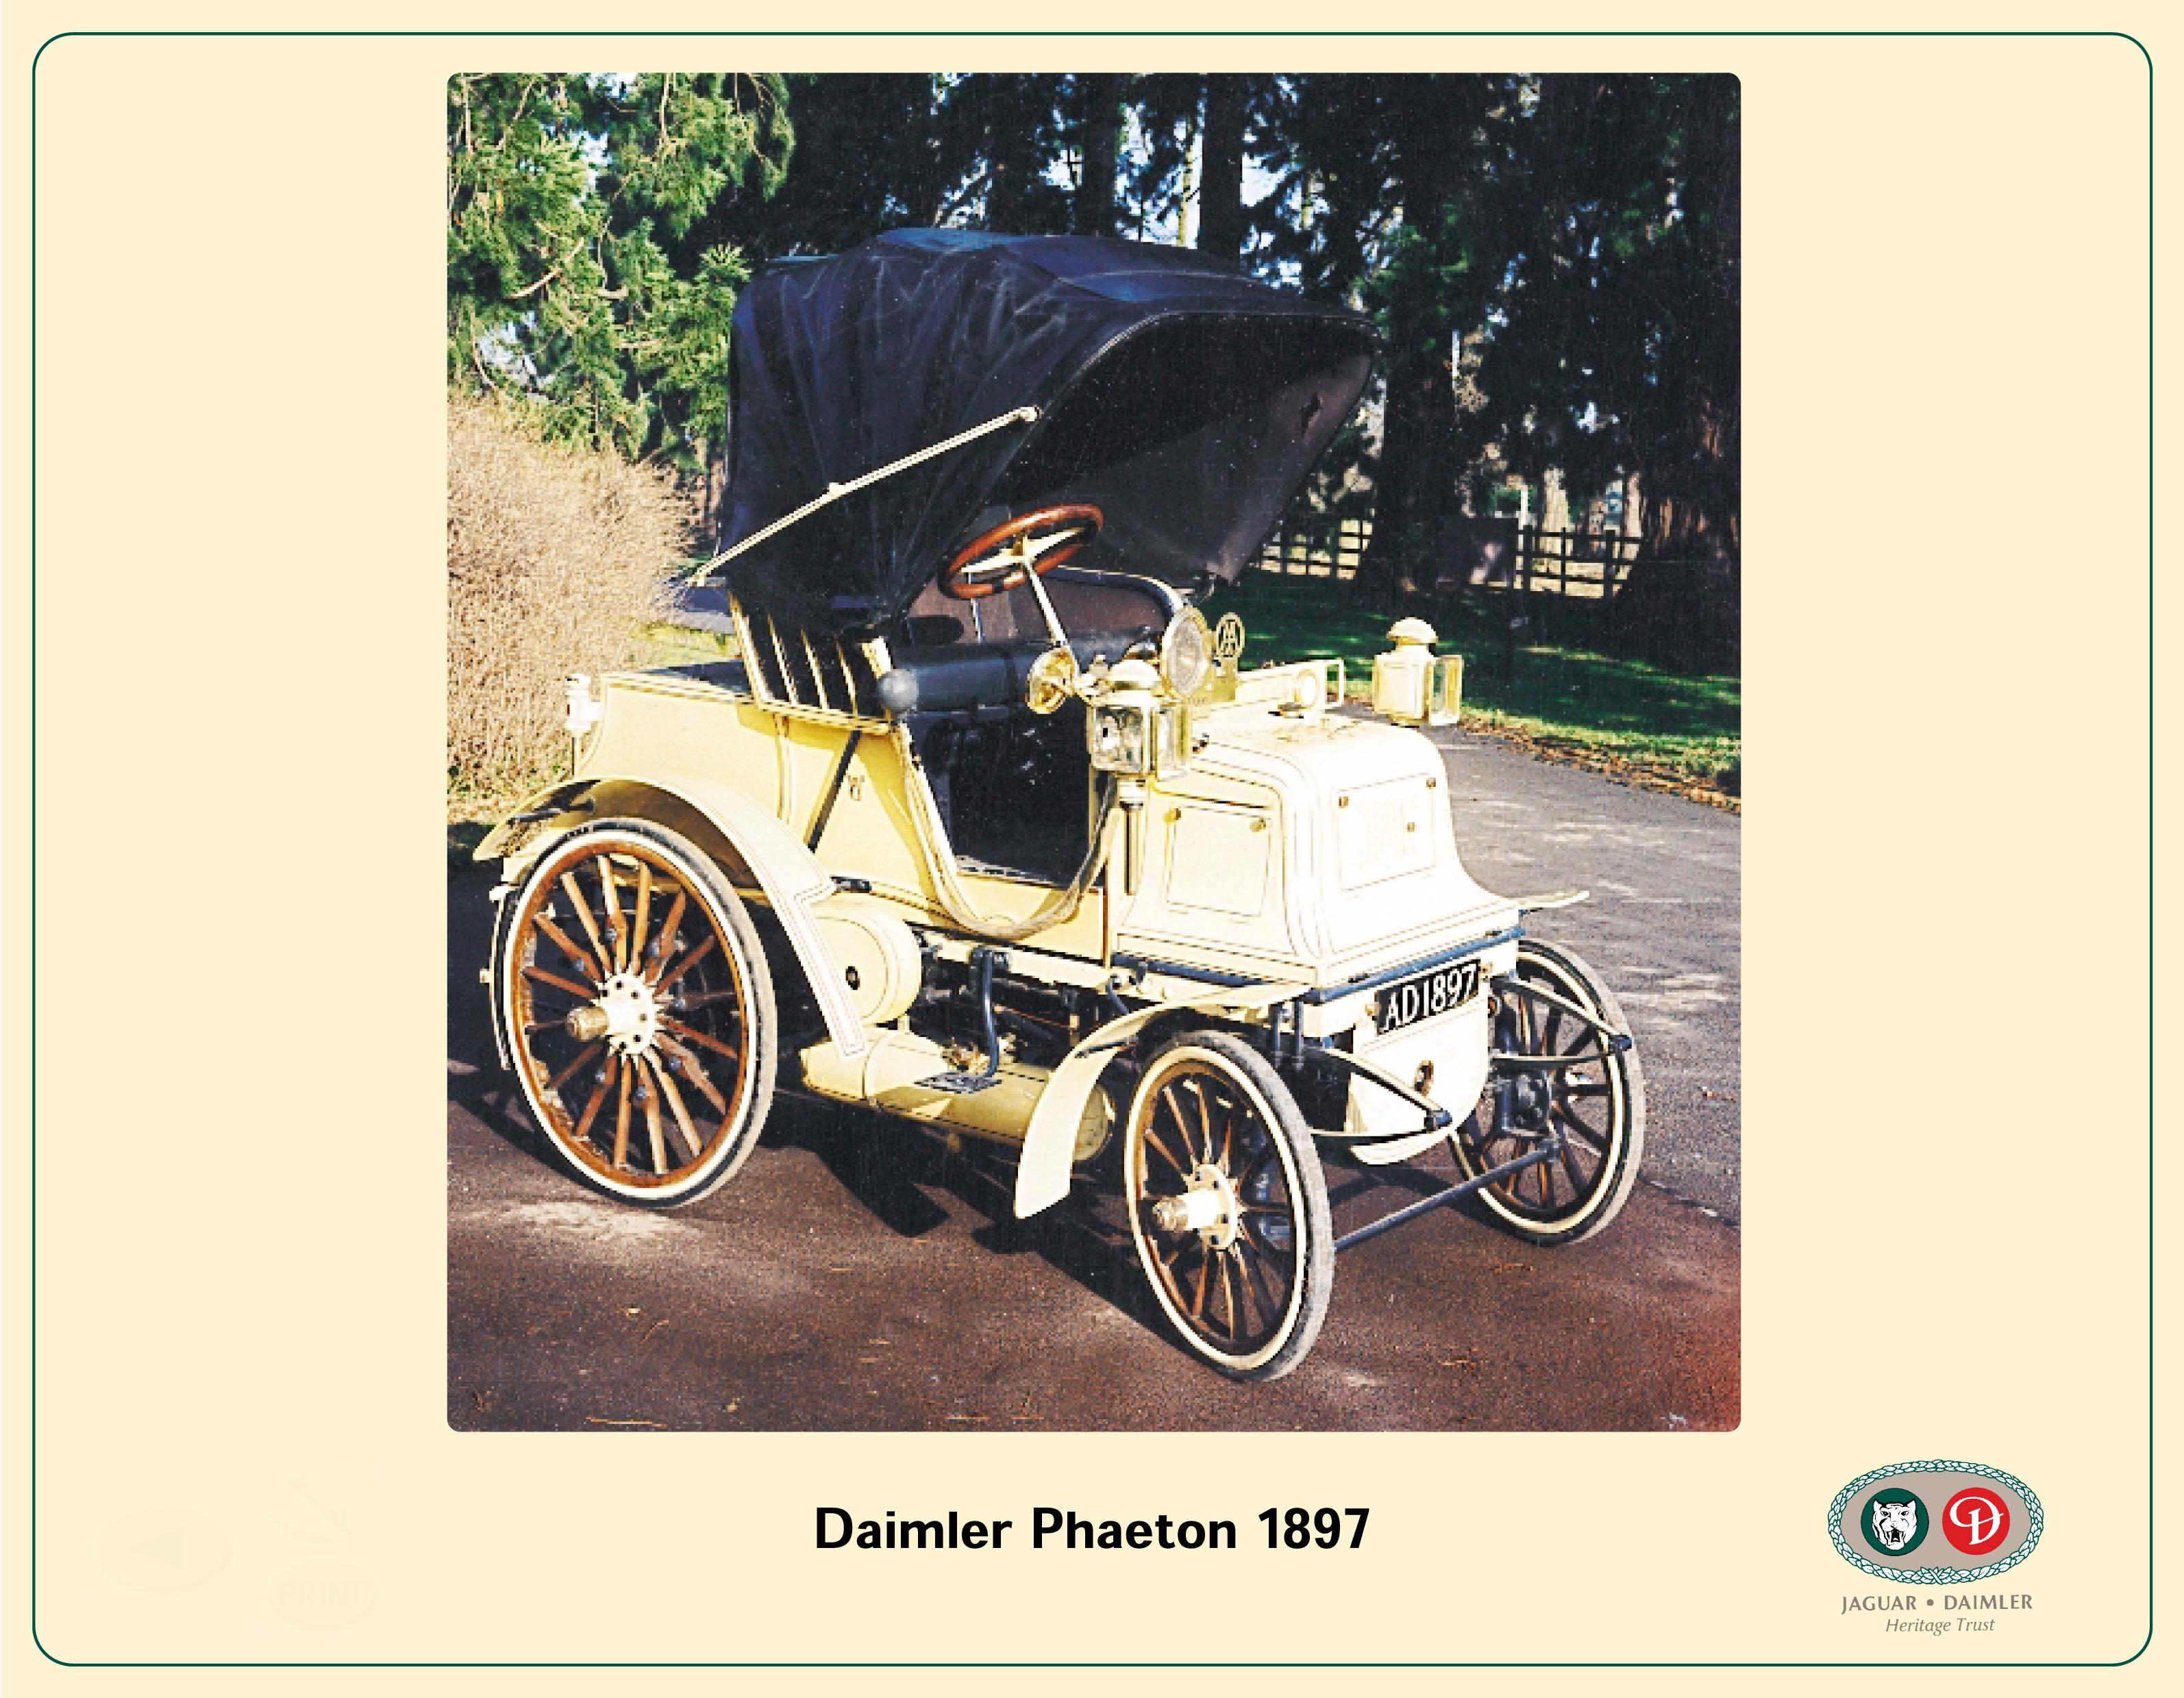 Daimker Phaeton 1897